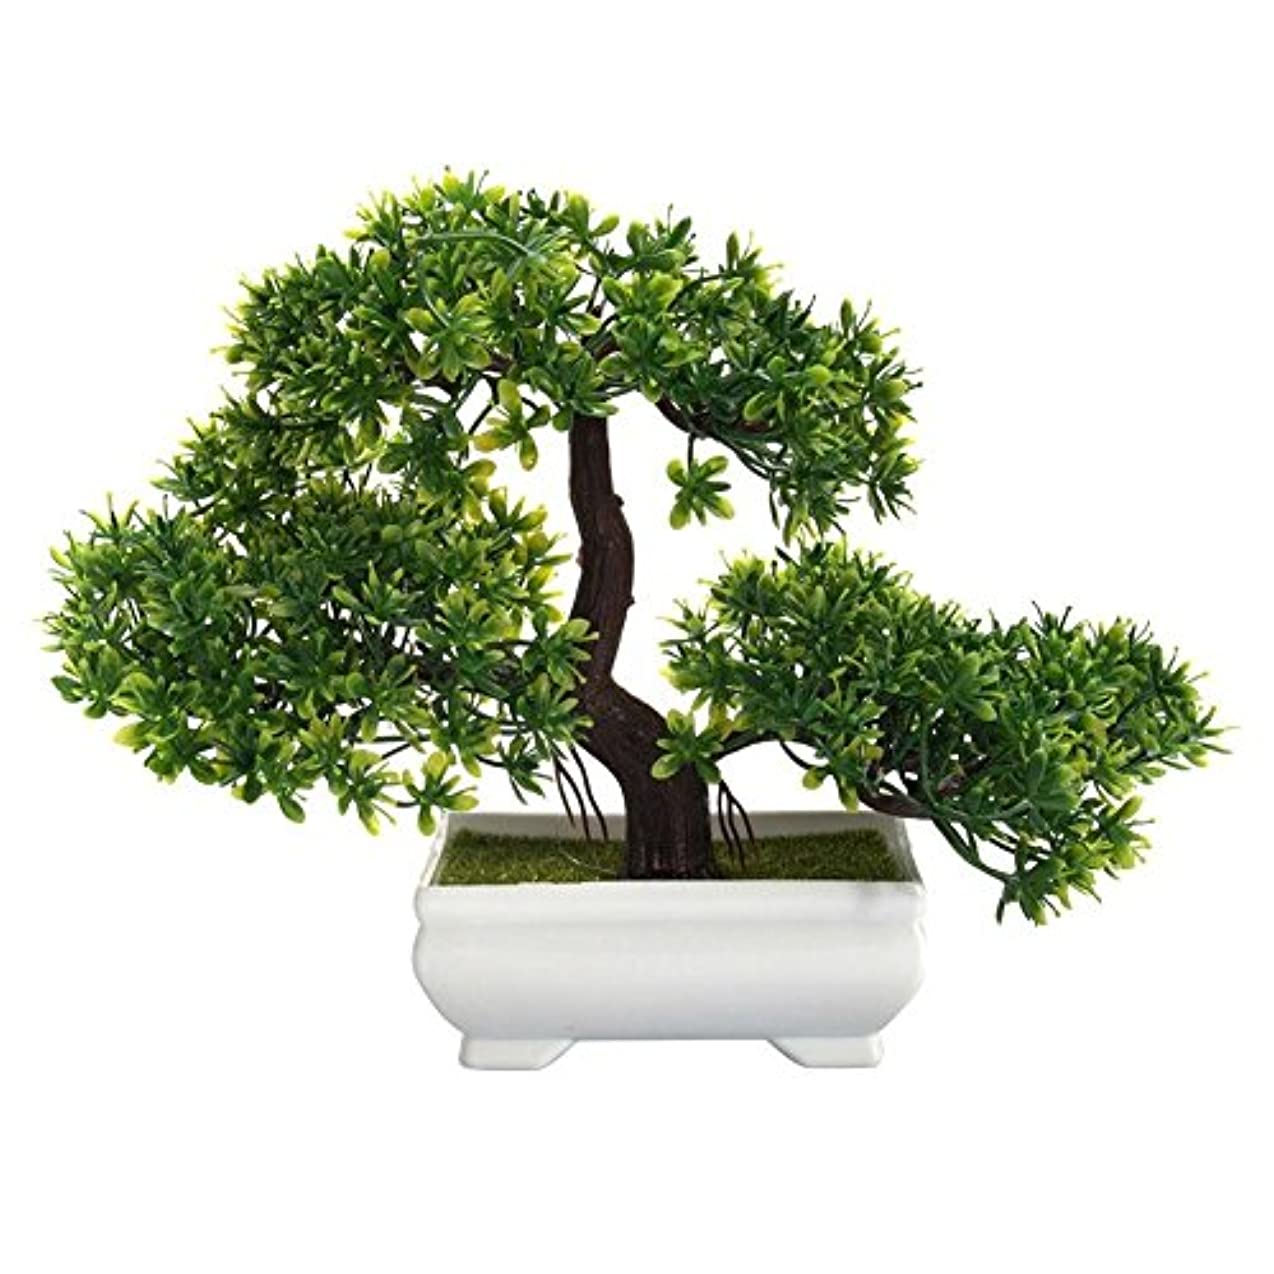 方法論異なる三Jicorzo - ミニクリエイティブ盆栽人工植物装飾オフィスホーム用はありませんじょうろ鉢植えを色あせません